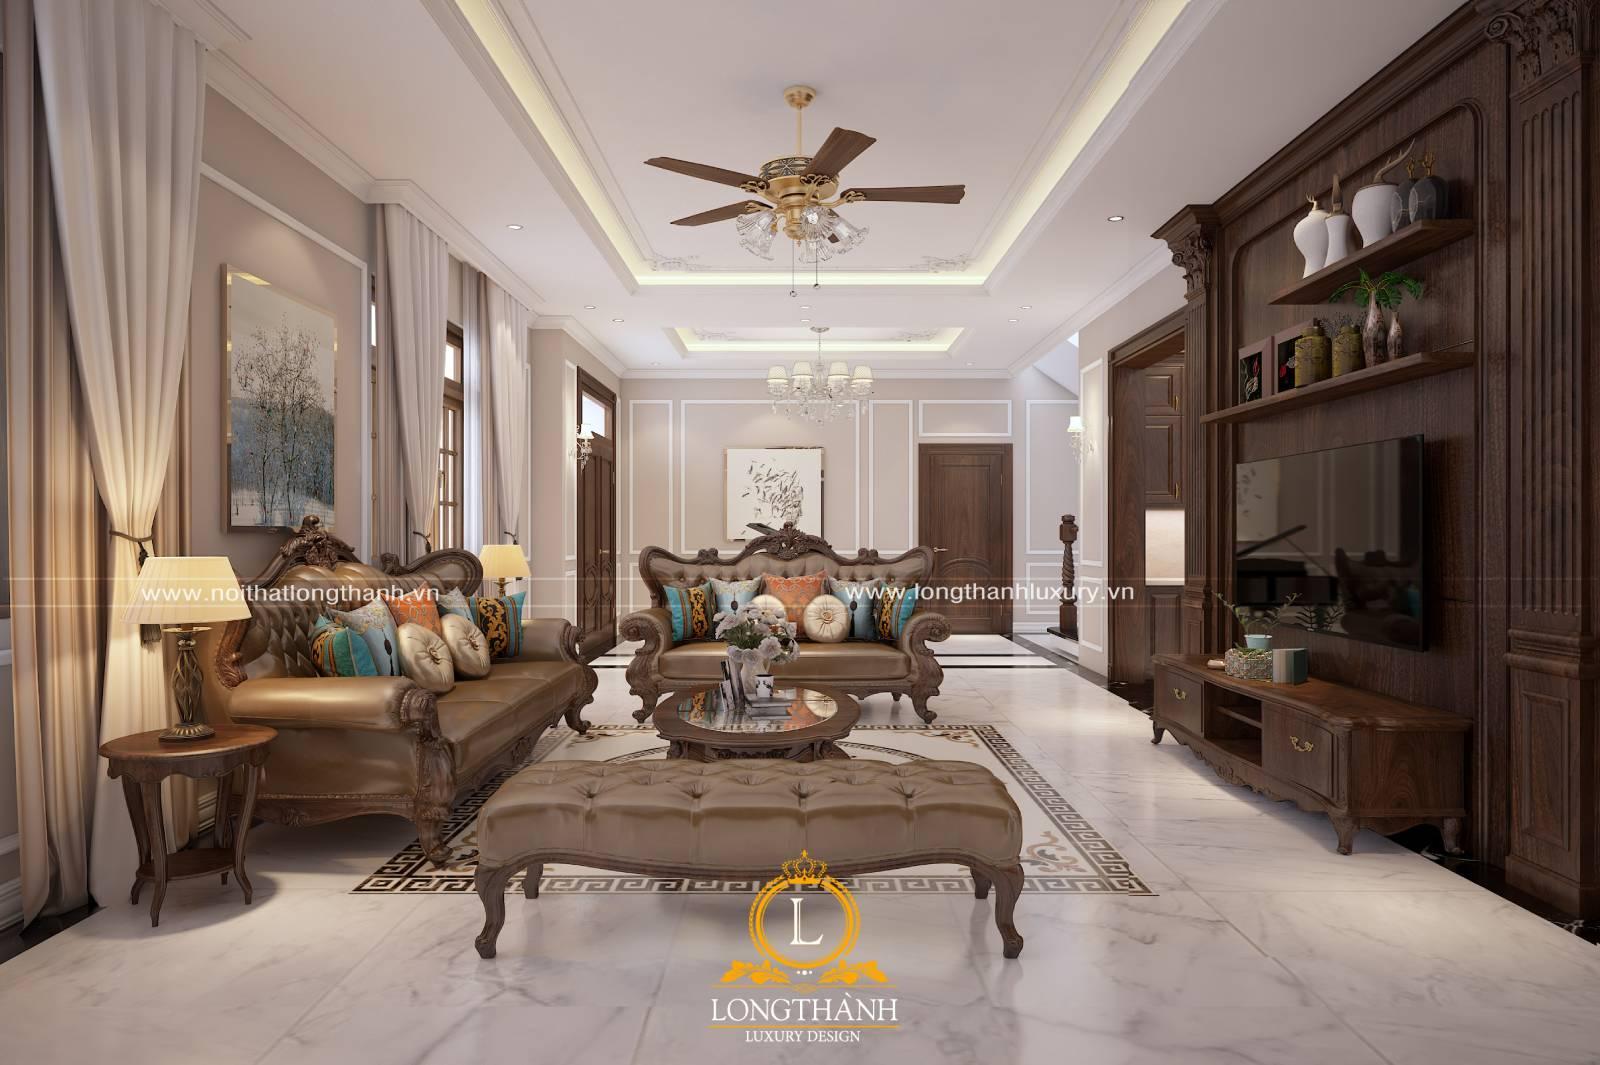 Sofa băng tân cổ điển bằng gỗ bọc da cho phòng khách biệt thự